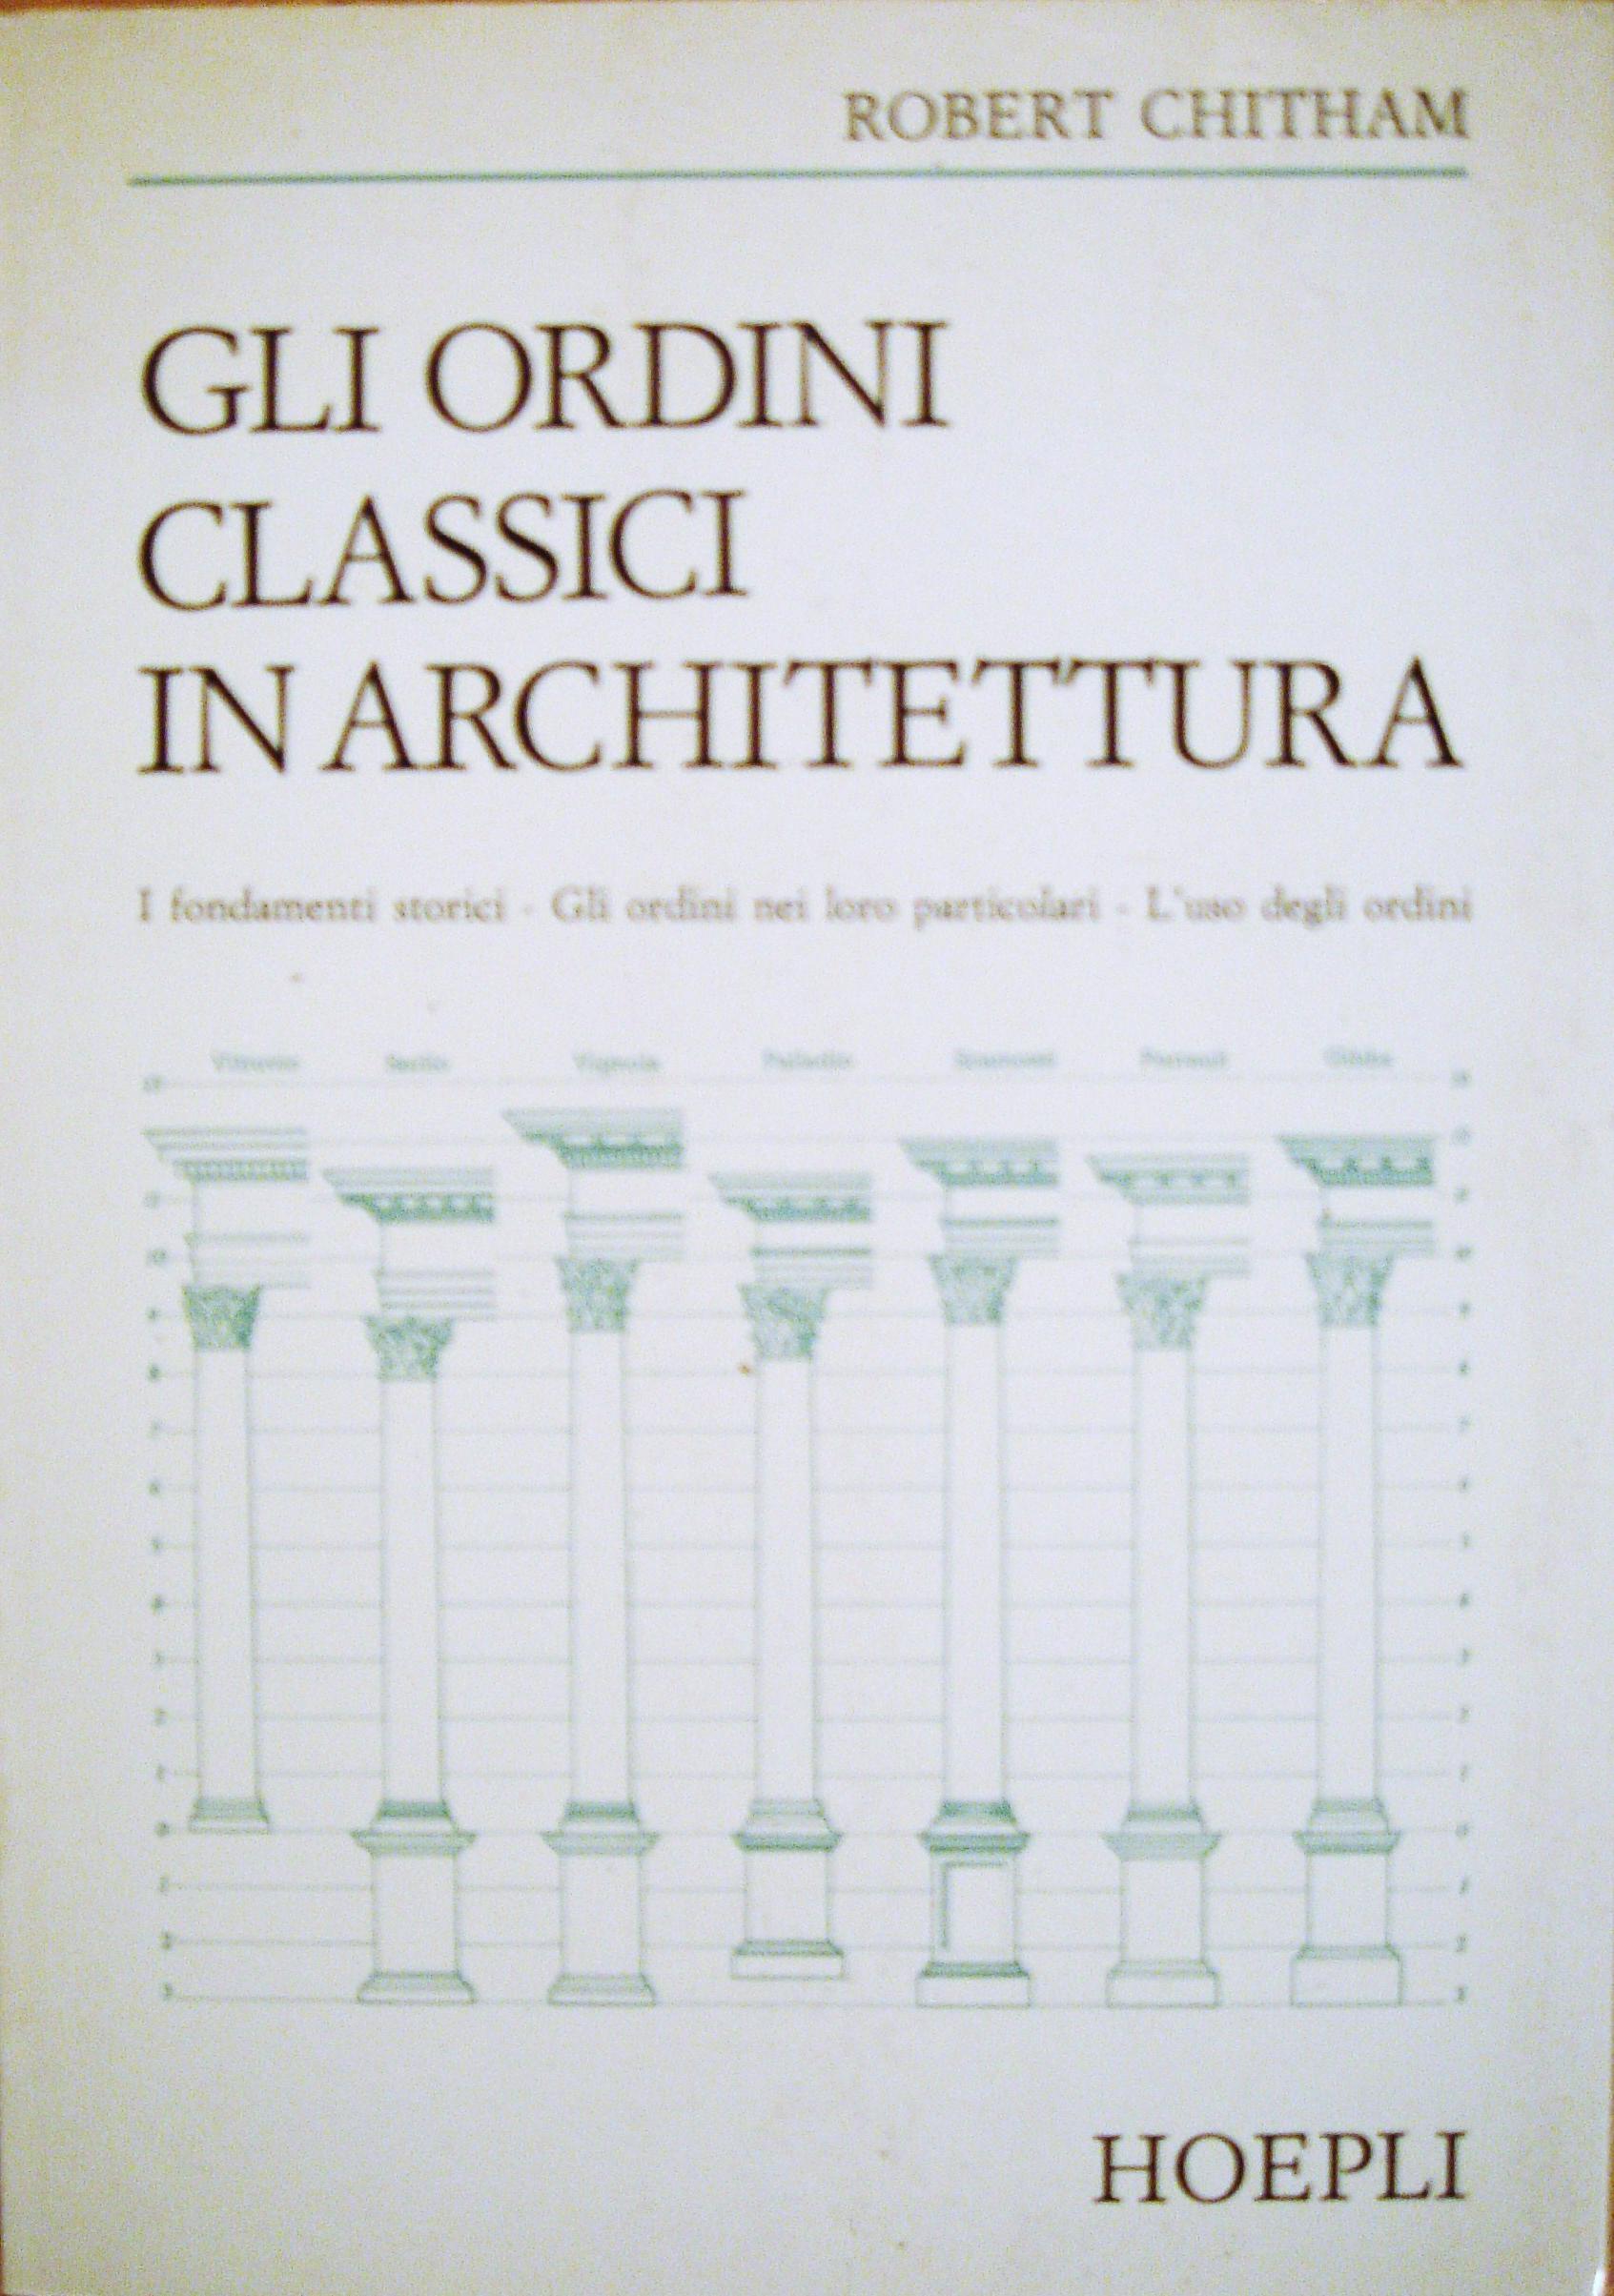 Gli ordini classici in architettura